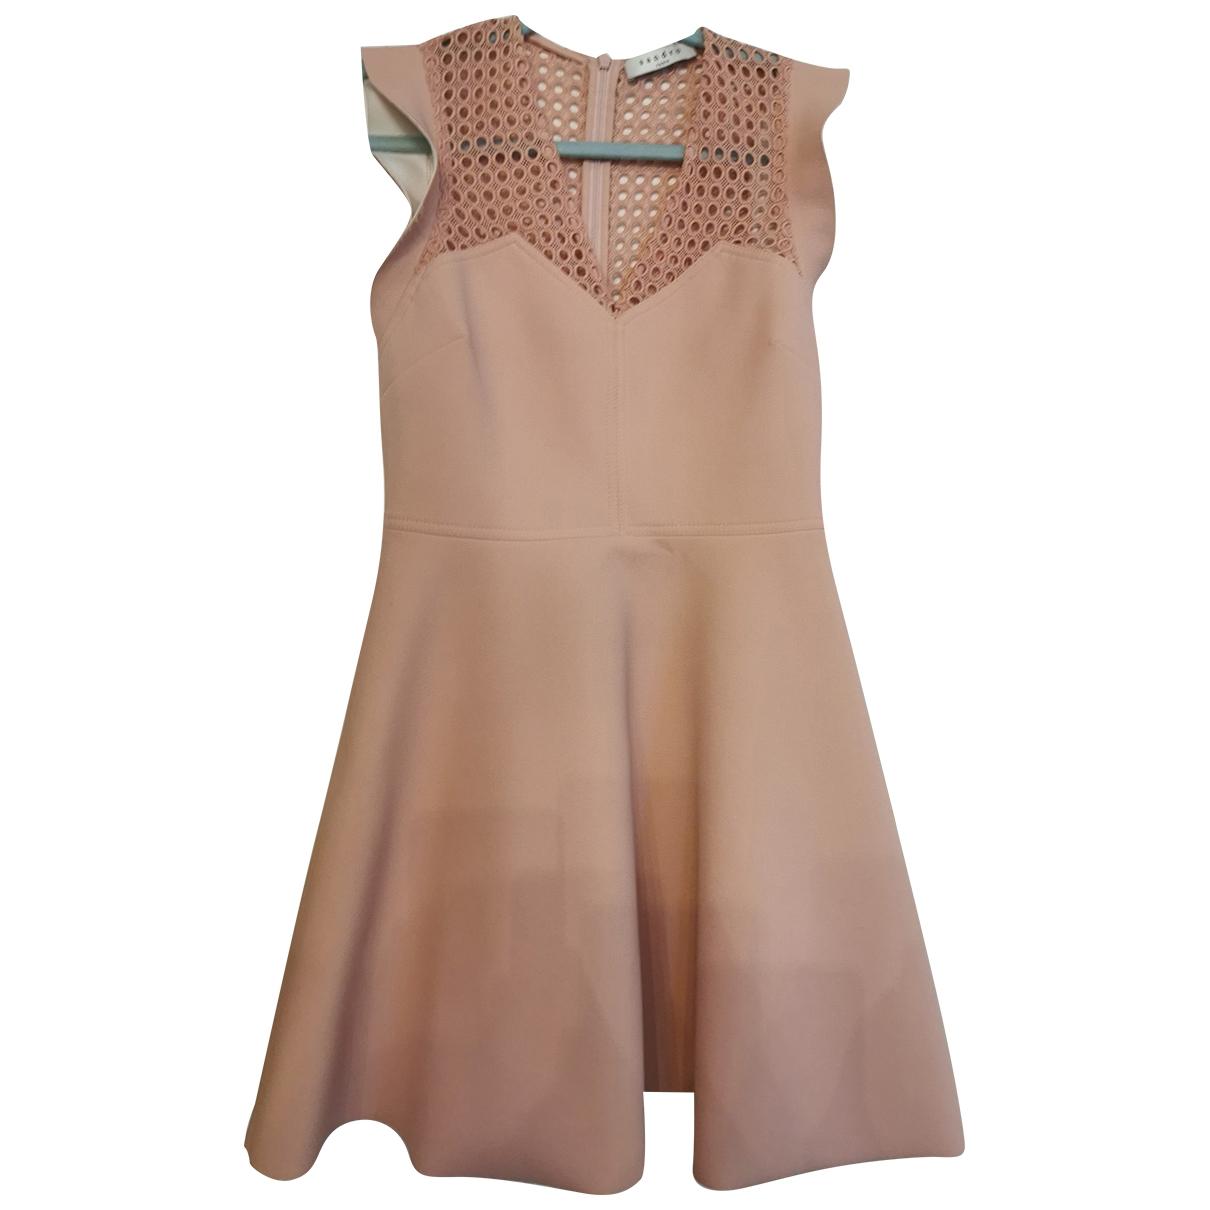 Sandro \N Beige dress for Women 10 UK